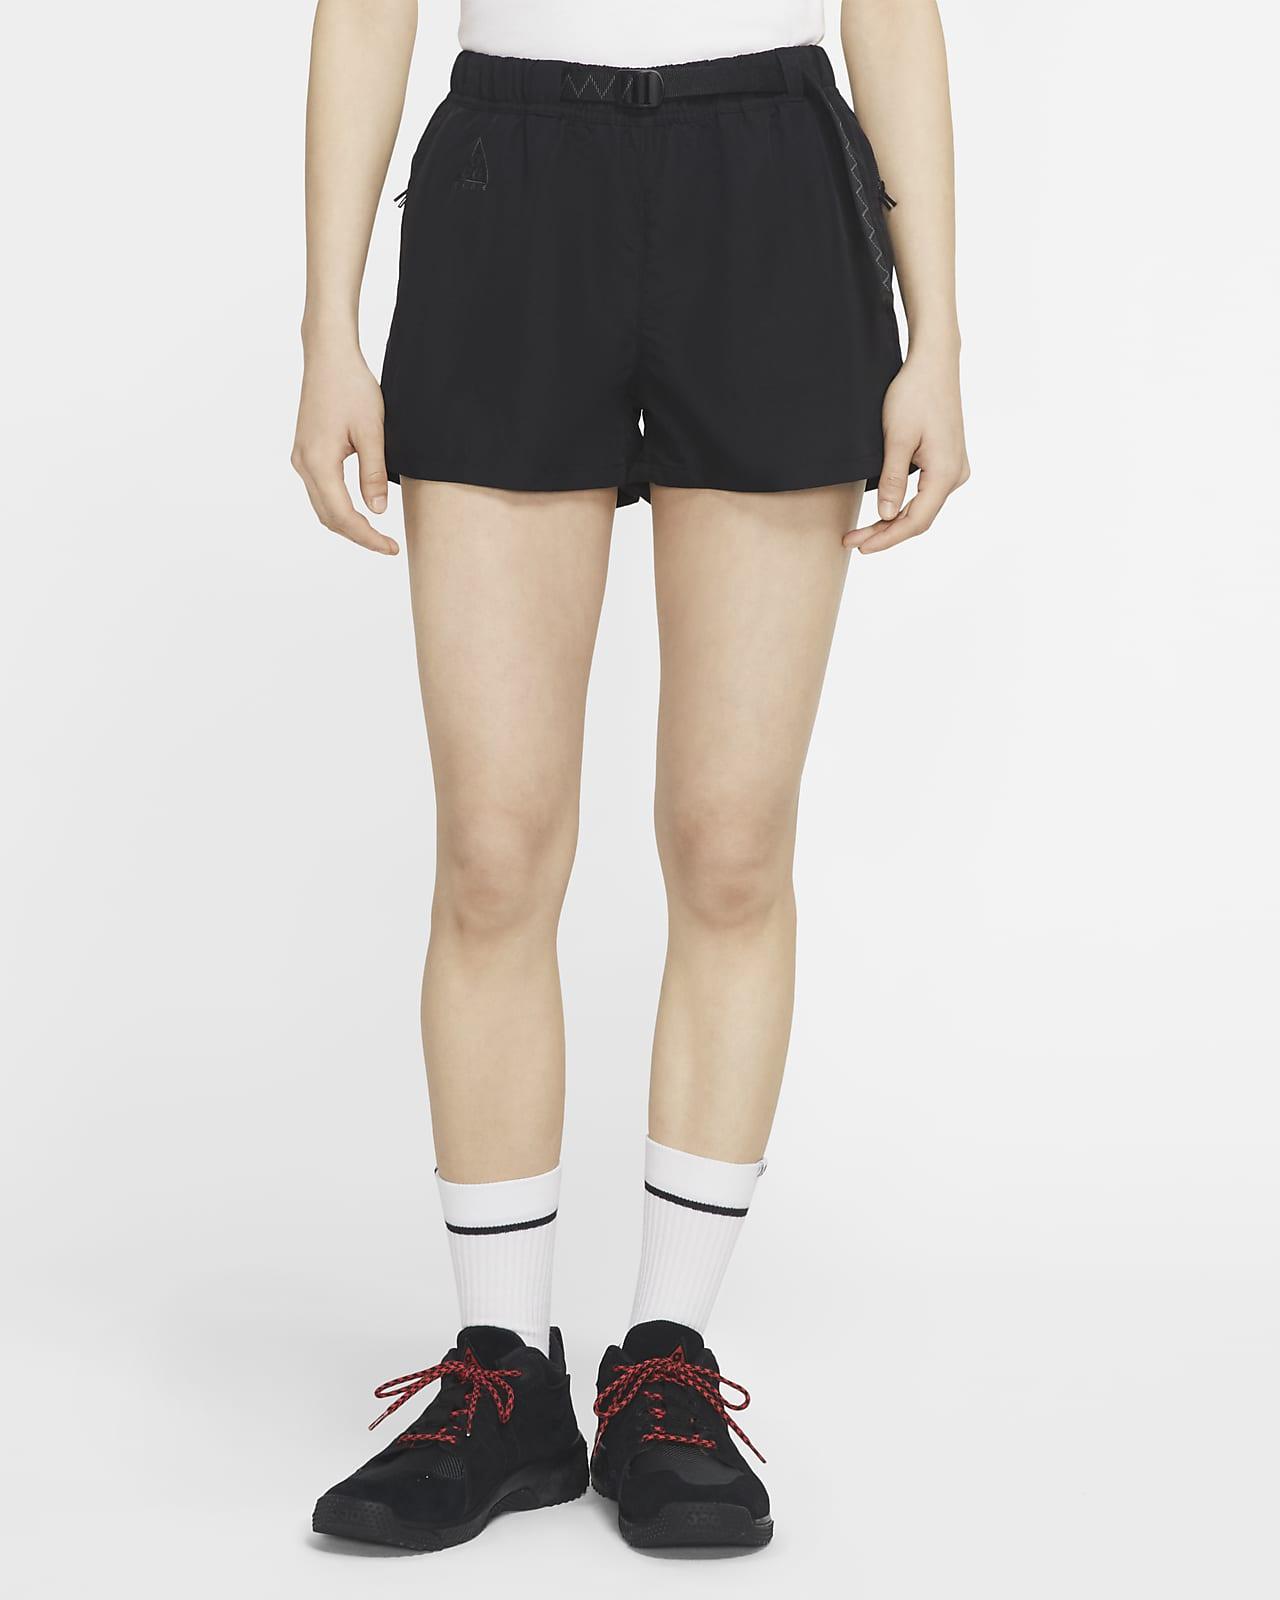 Nike ACG Women's Woven Shorts